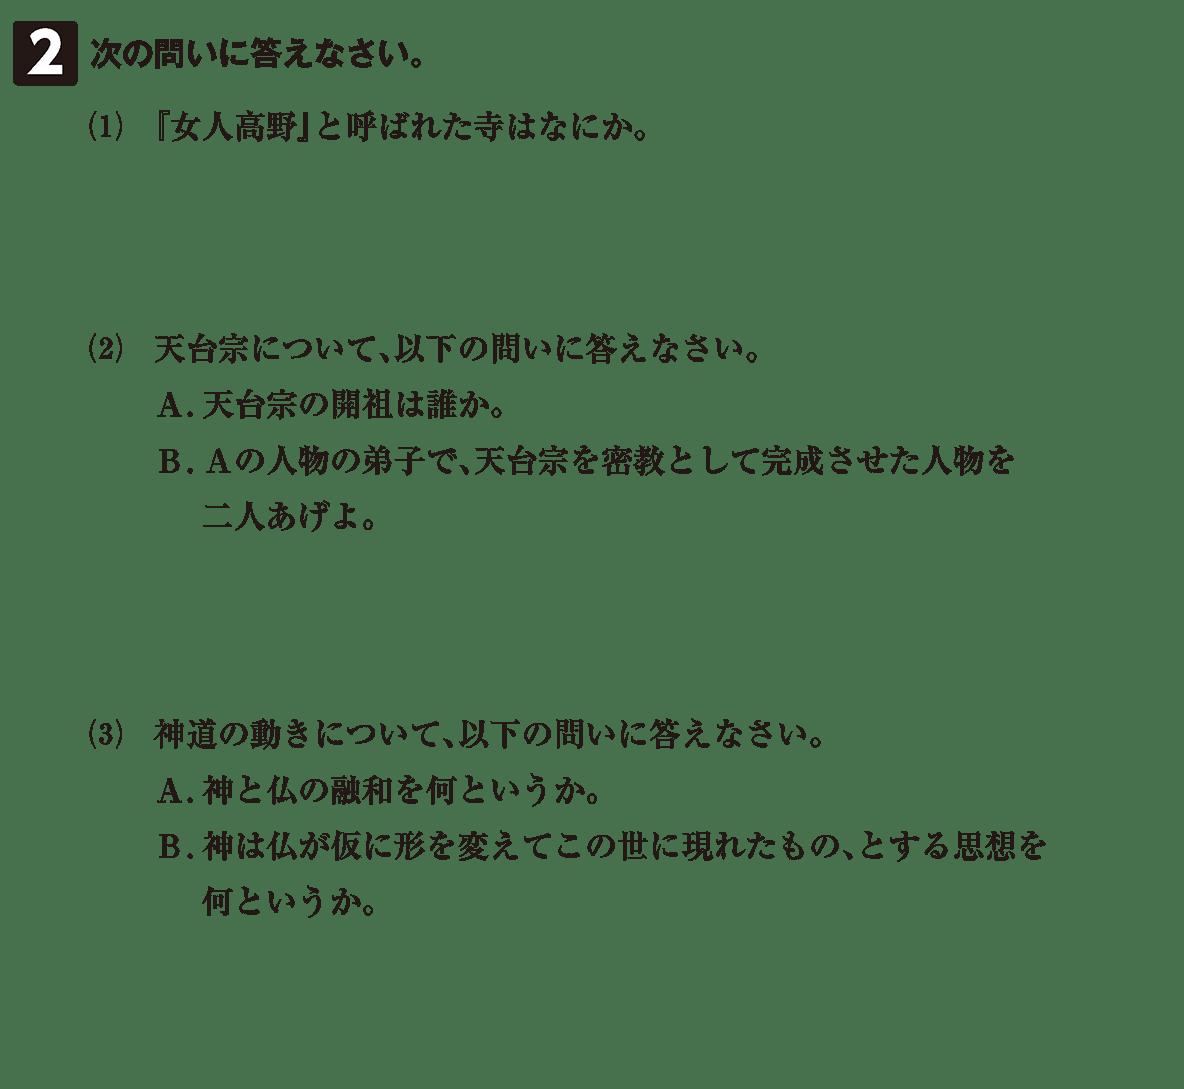 原始・古代文化15 問題2 問題